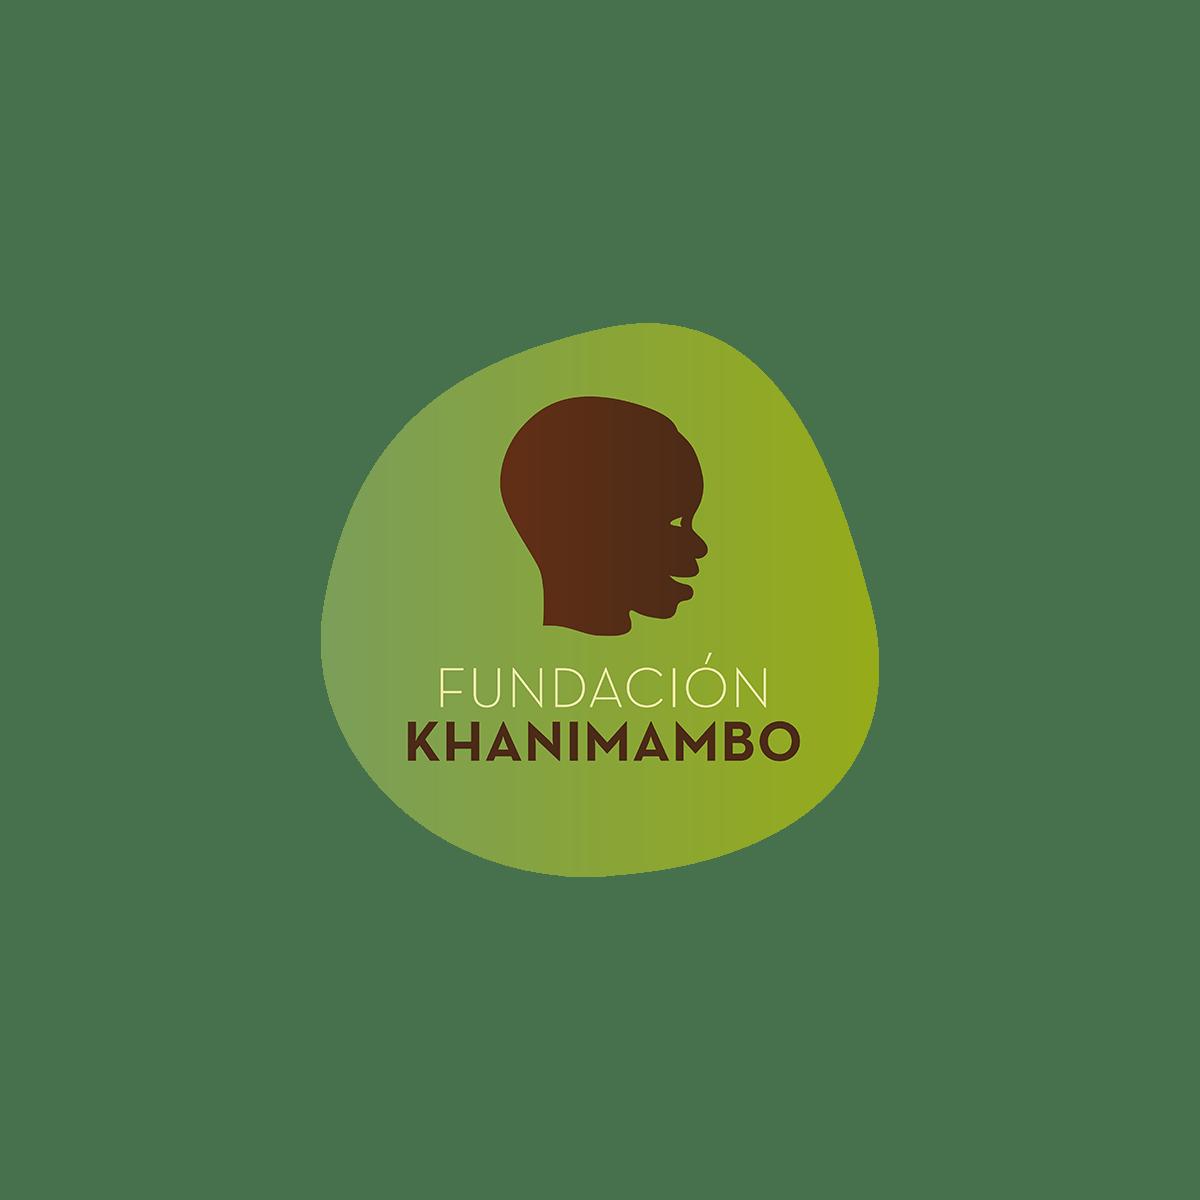 Logo de la Fundación Khanimambo